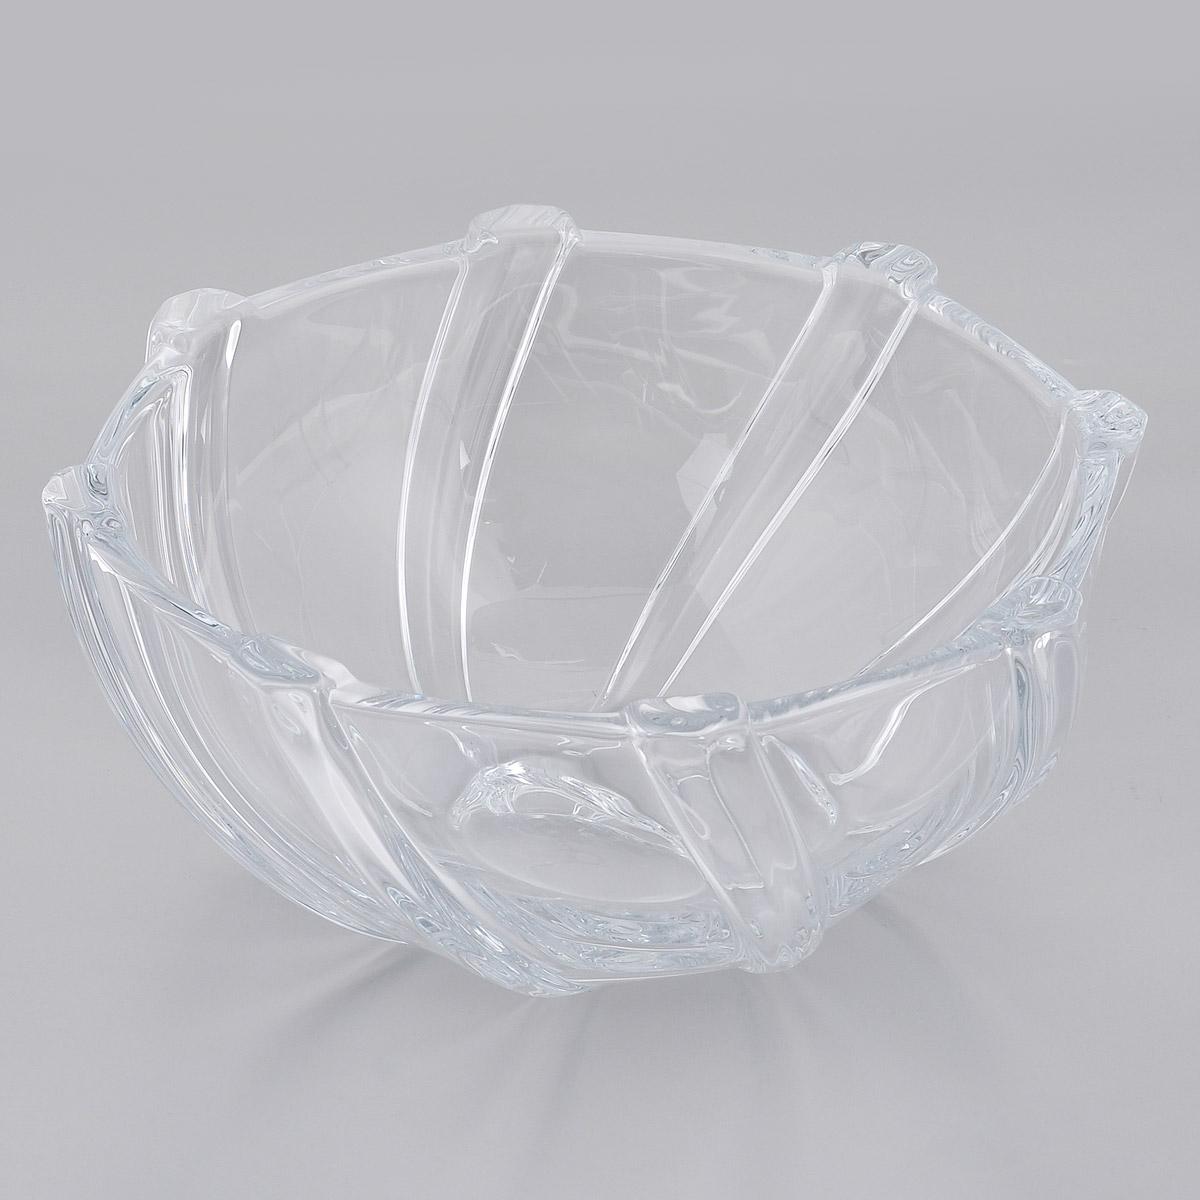 Салатник Crystalite Bohemia Инфинити, диаметр 28 см6KA66/0/99M20/280Изящный салатник Crystalite Bohemia Инфинити изготовлен из прочногоутолщенного стекла кристалайт. Он красиво переливается и излучает приятныйблеск. Оригинальная слегка закрученная поверхность и выпуклые вставки делают егоизящным украшением интерьера.Салатник Crystalite Bohemia Инфинити займет достойное место средиаксессуаров на вашей кухне и станет желанным и стильным подарком.Можно использовать в микроволновой печи и посудомоечной машине.